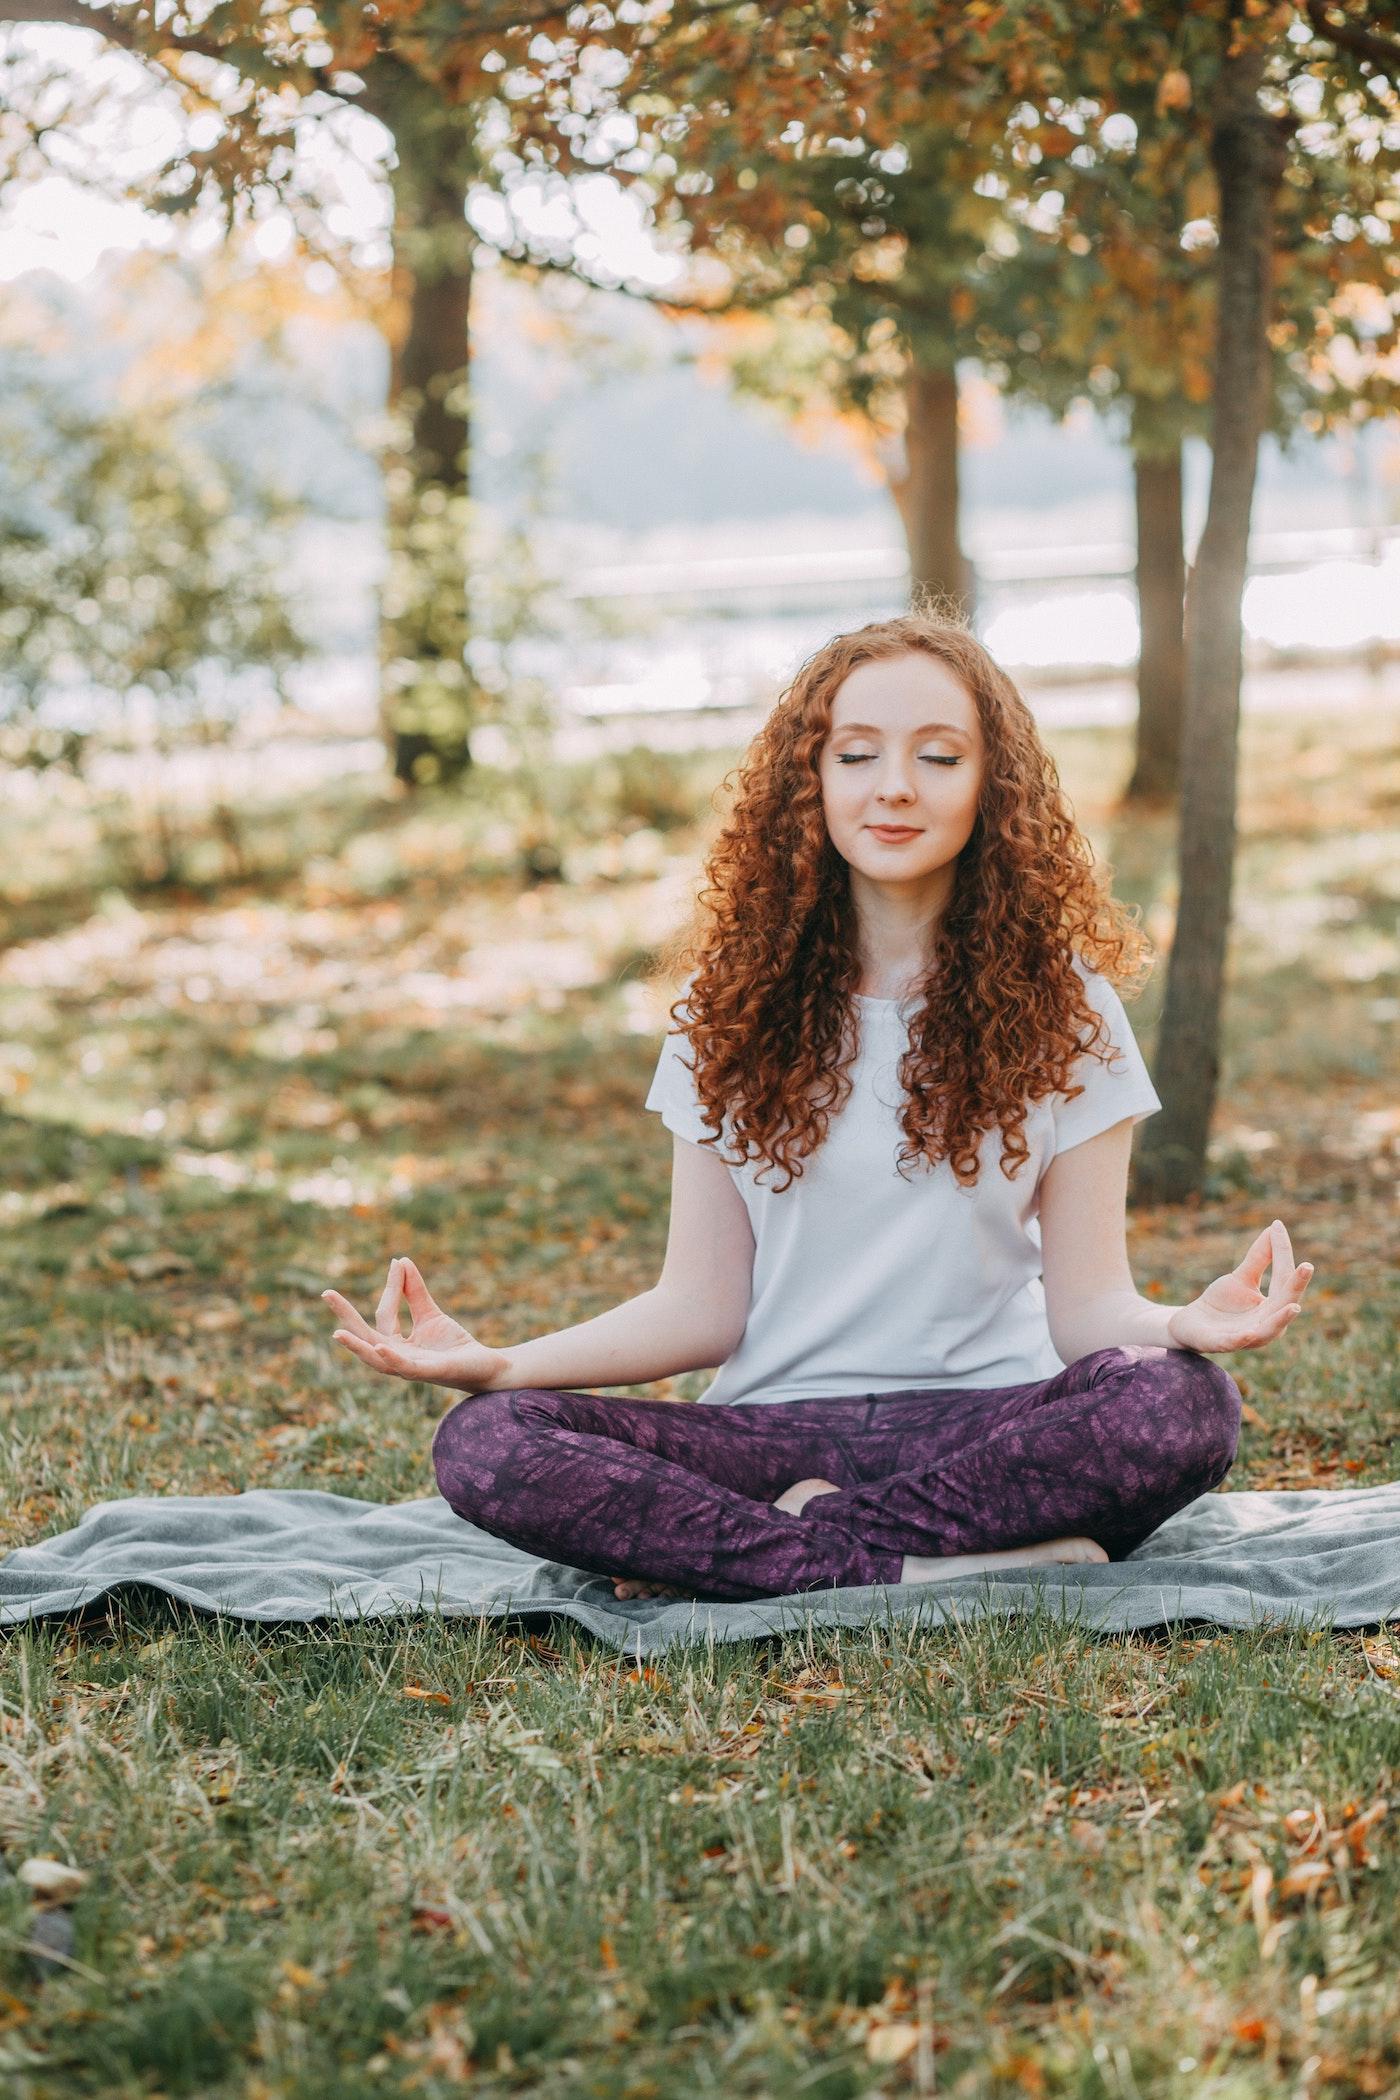 Skingood Garden Erfahrungen ZEN MOOD ELIXIR Serum Wirkung Ausgeglichenheit Ruhe bei Angst Nervosität